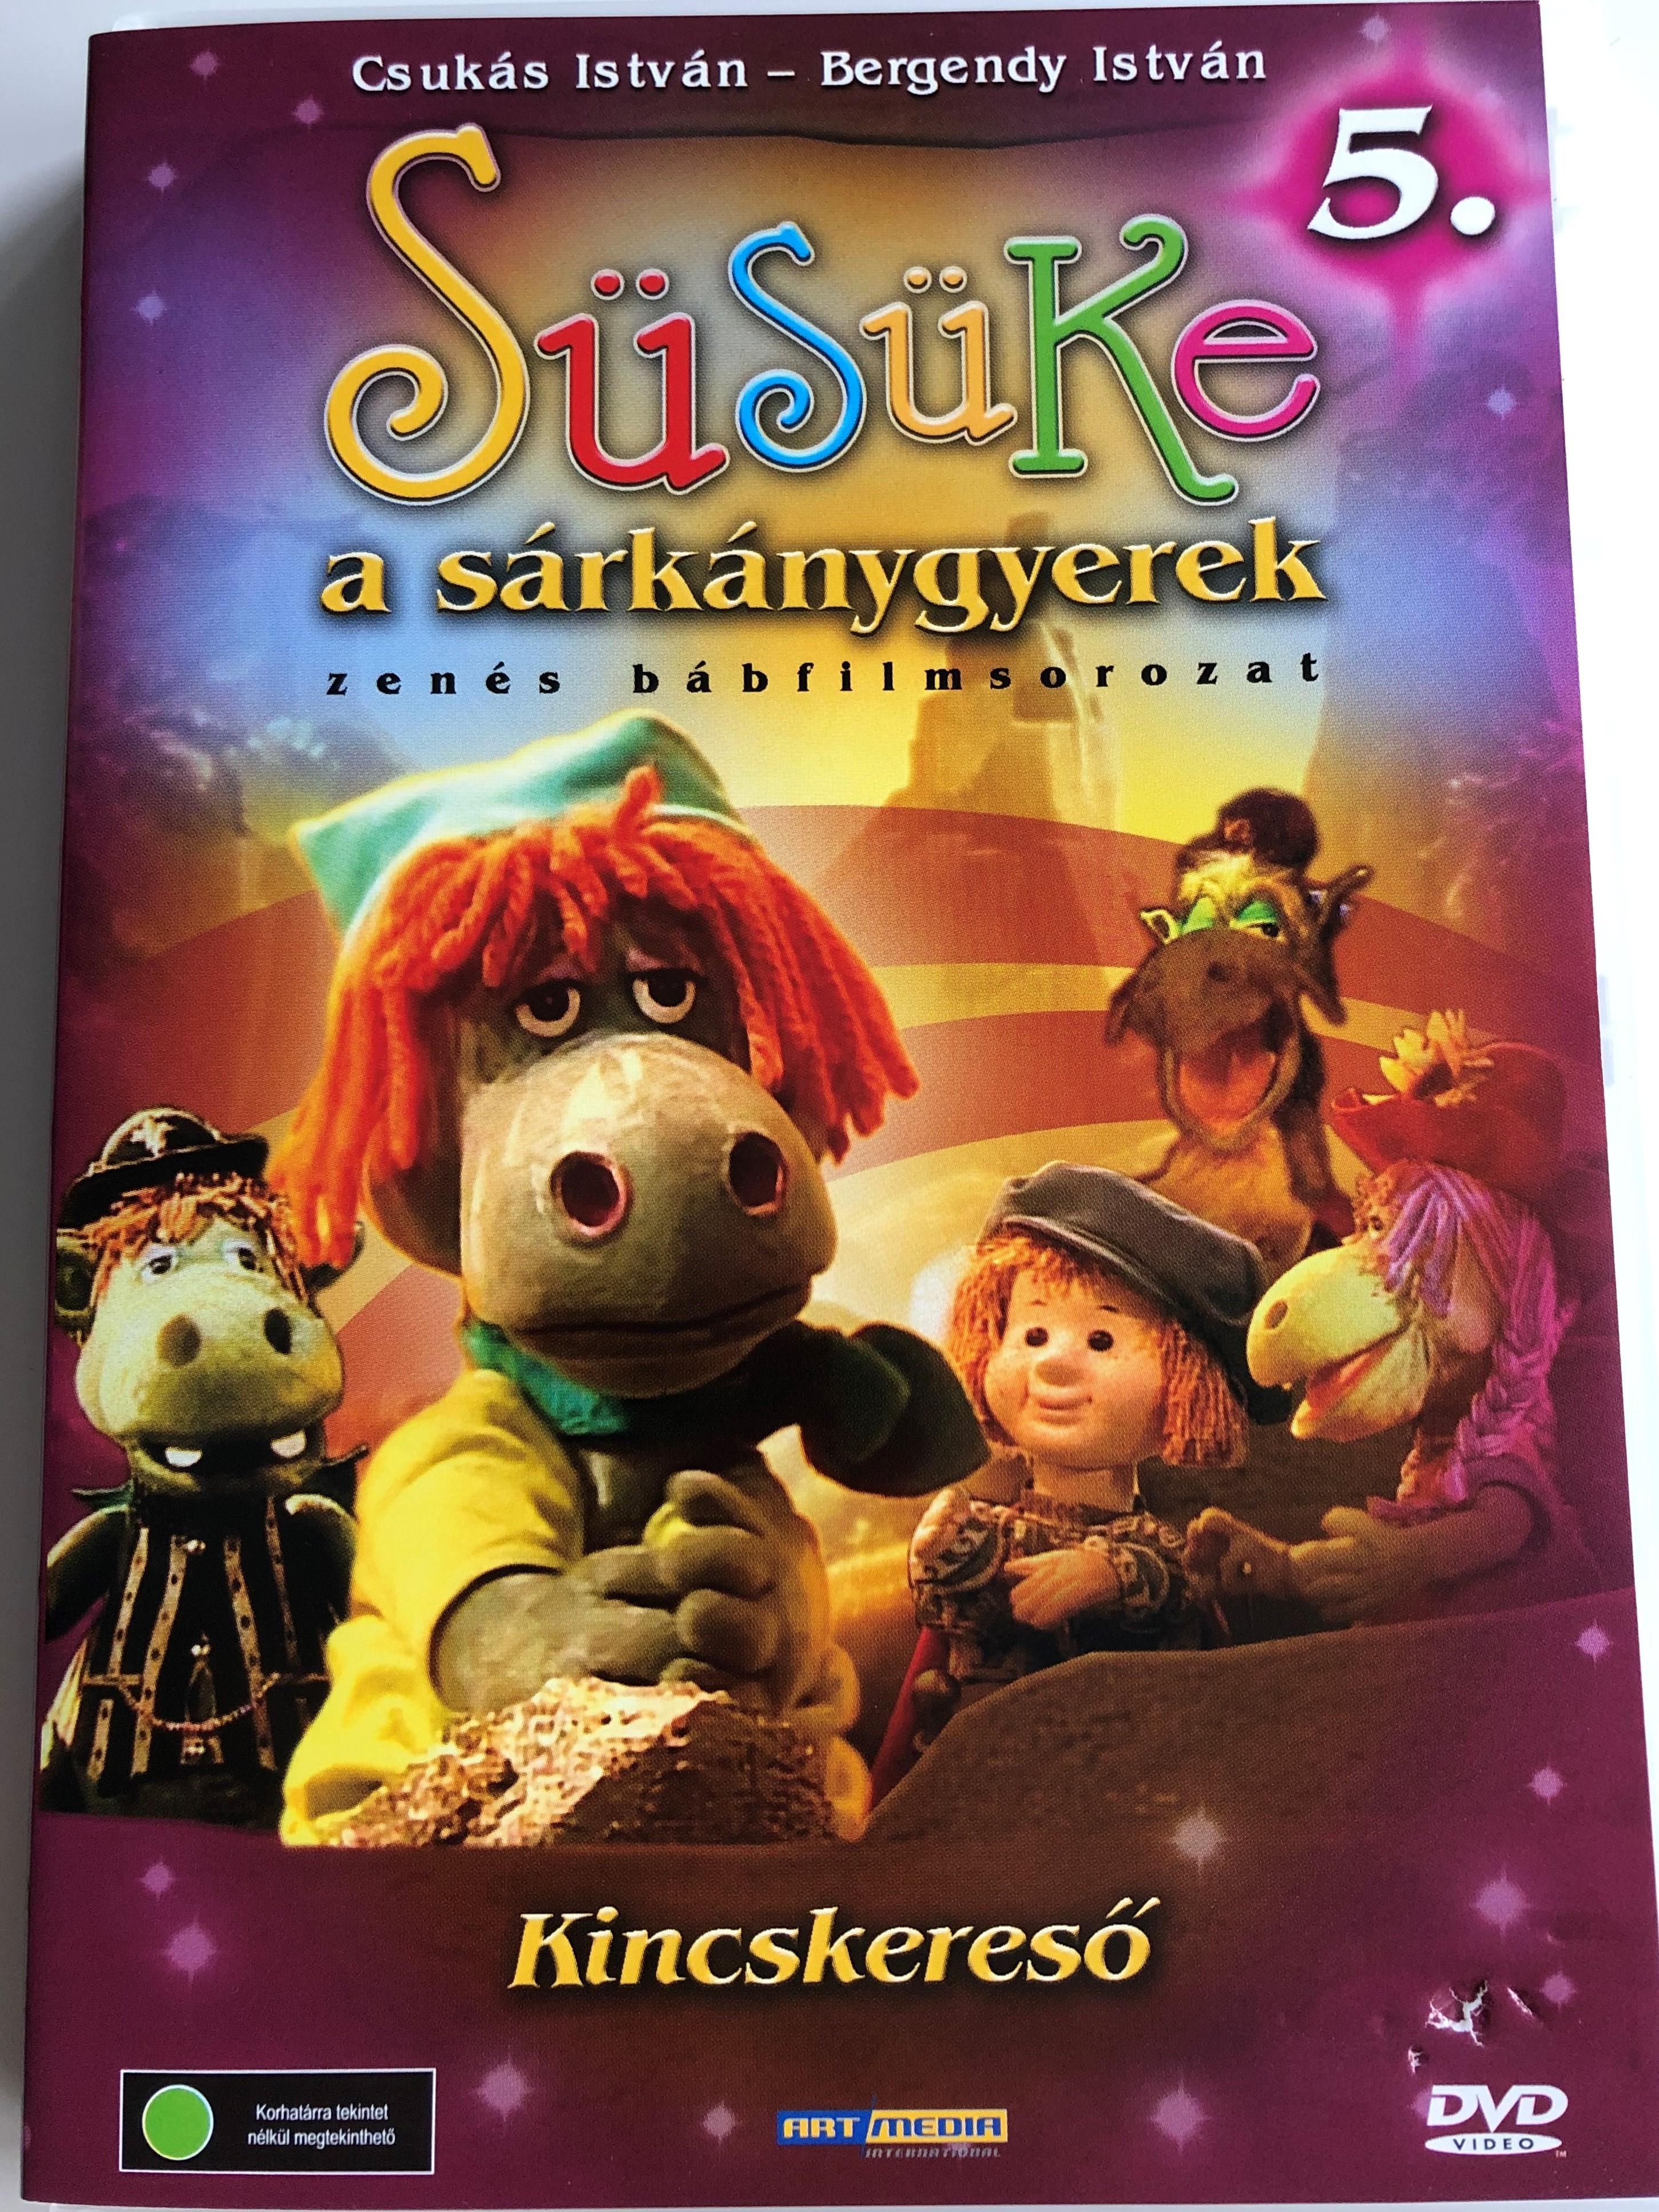 -s-s-ke-a-s-rk-nygyerek-5.-dvd-2001-kincskeres-1.jpg